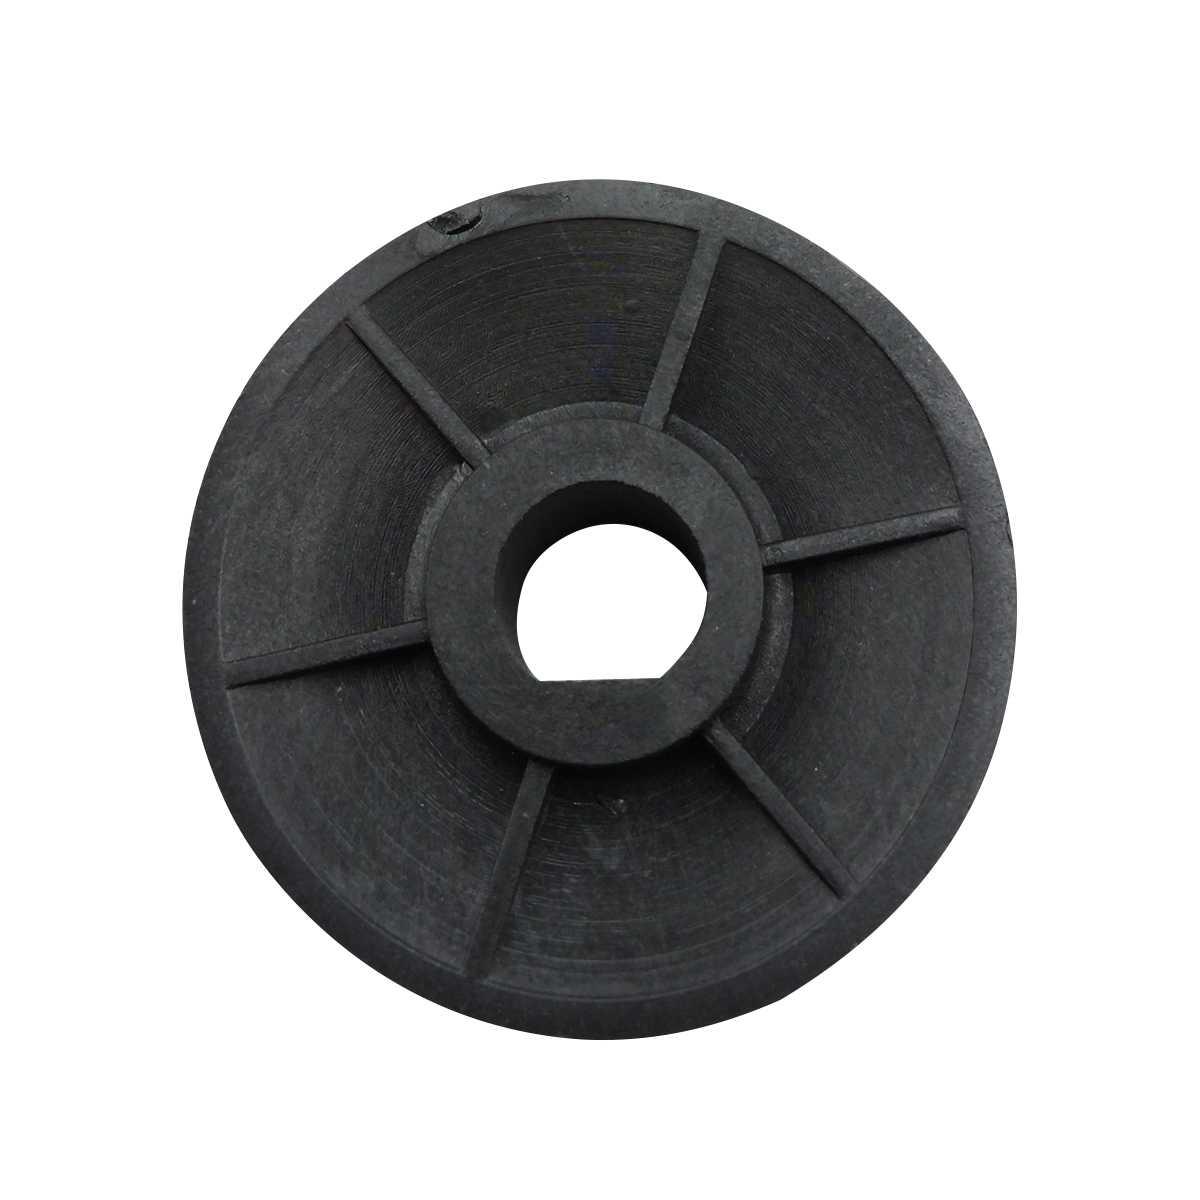 Polia do motor compatível tanquinho Colormaq LCM 6.4